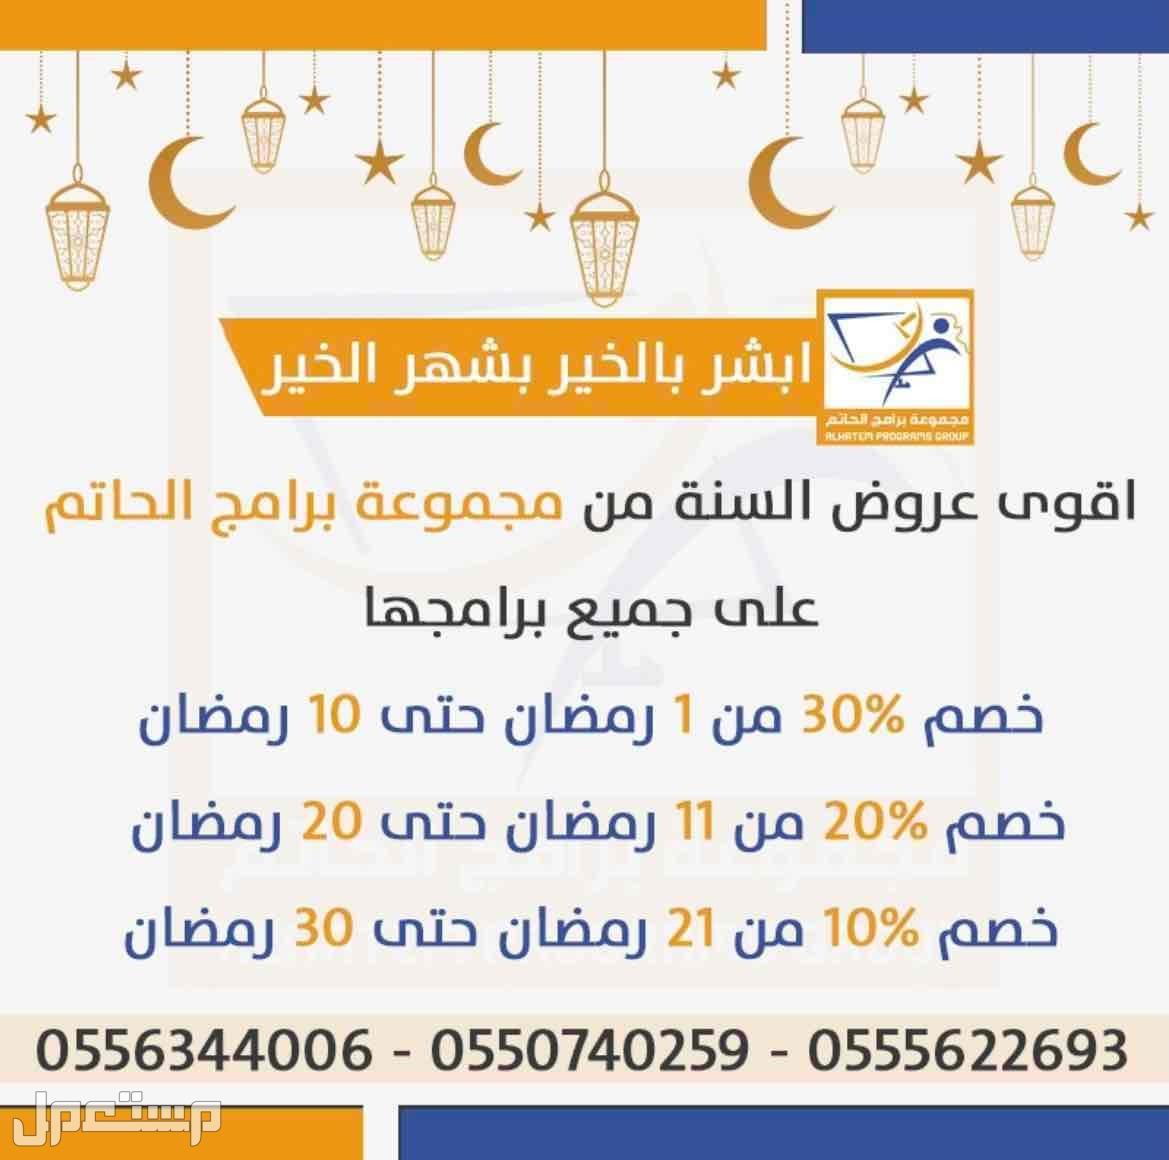 عروض على جميع برامج الحاتم في شهر رمضان المبارك